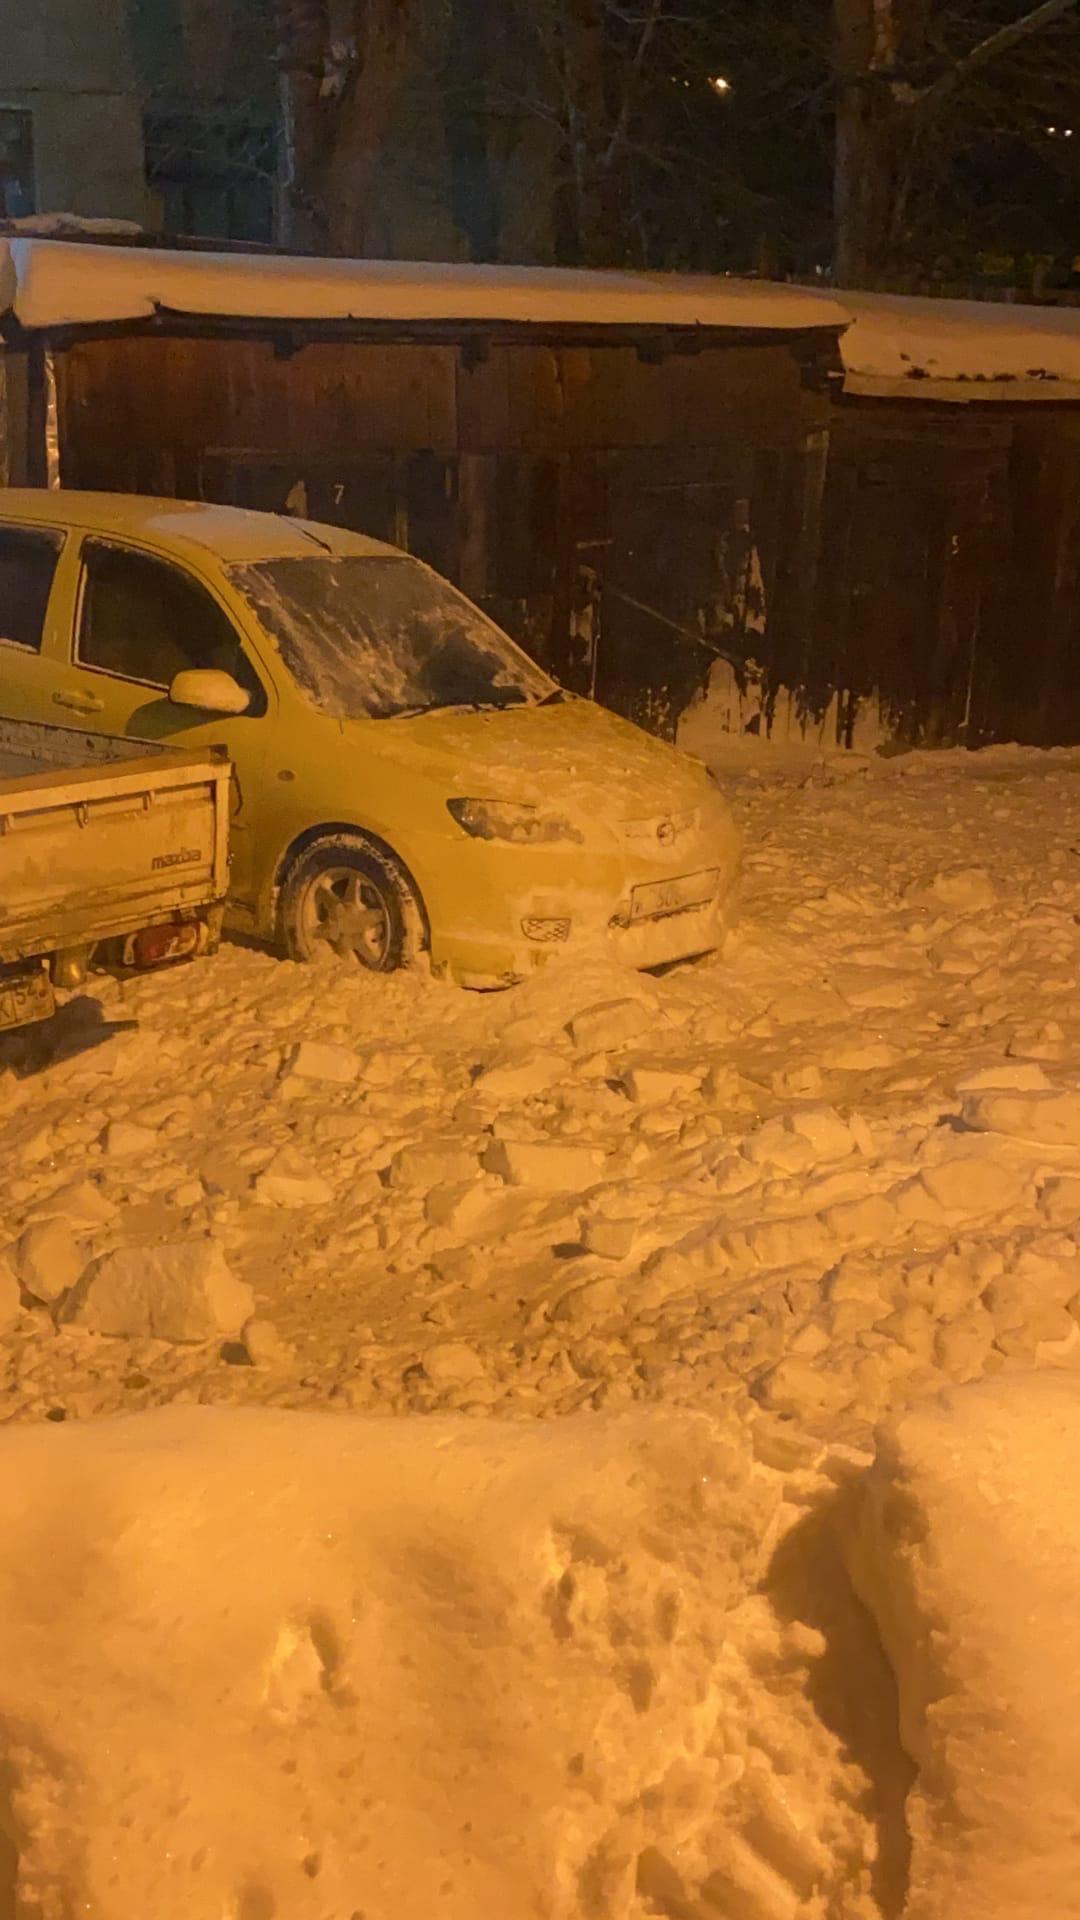 Фото Сошедший с крыши снег заблокировал выход из дома на улице Лобова в Новосибирске 3